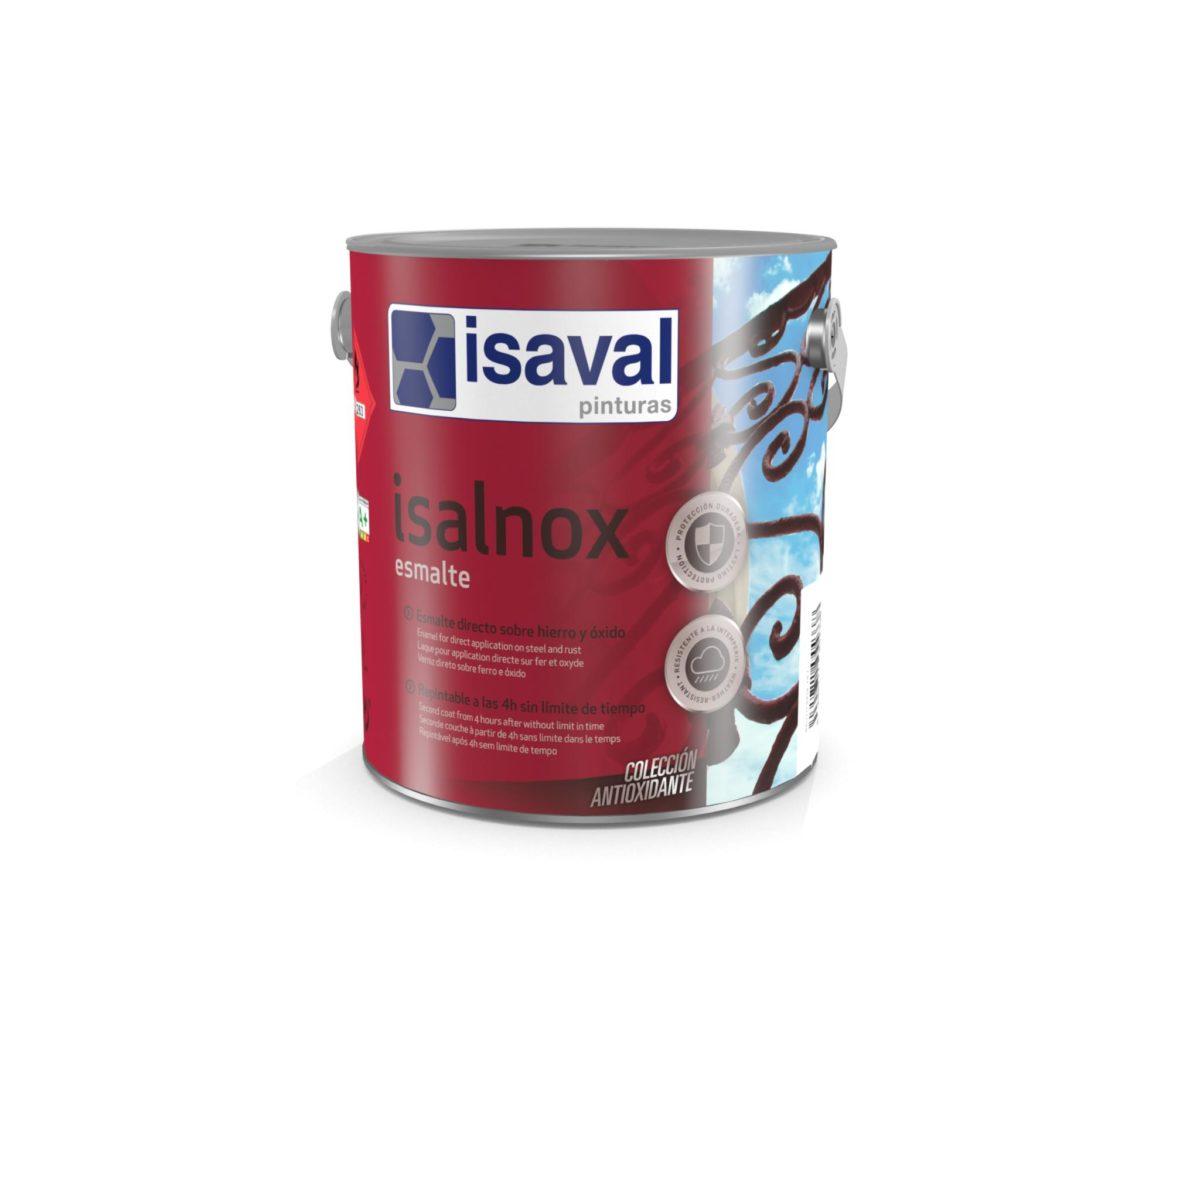 Isalnox Esmalte antioxidante de Pinturas Isaval